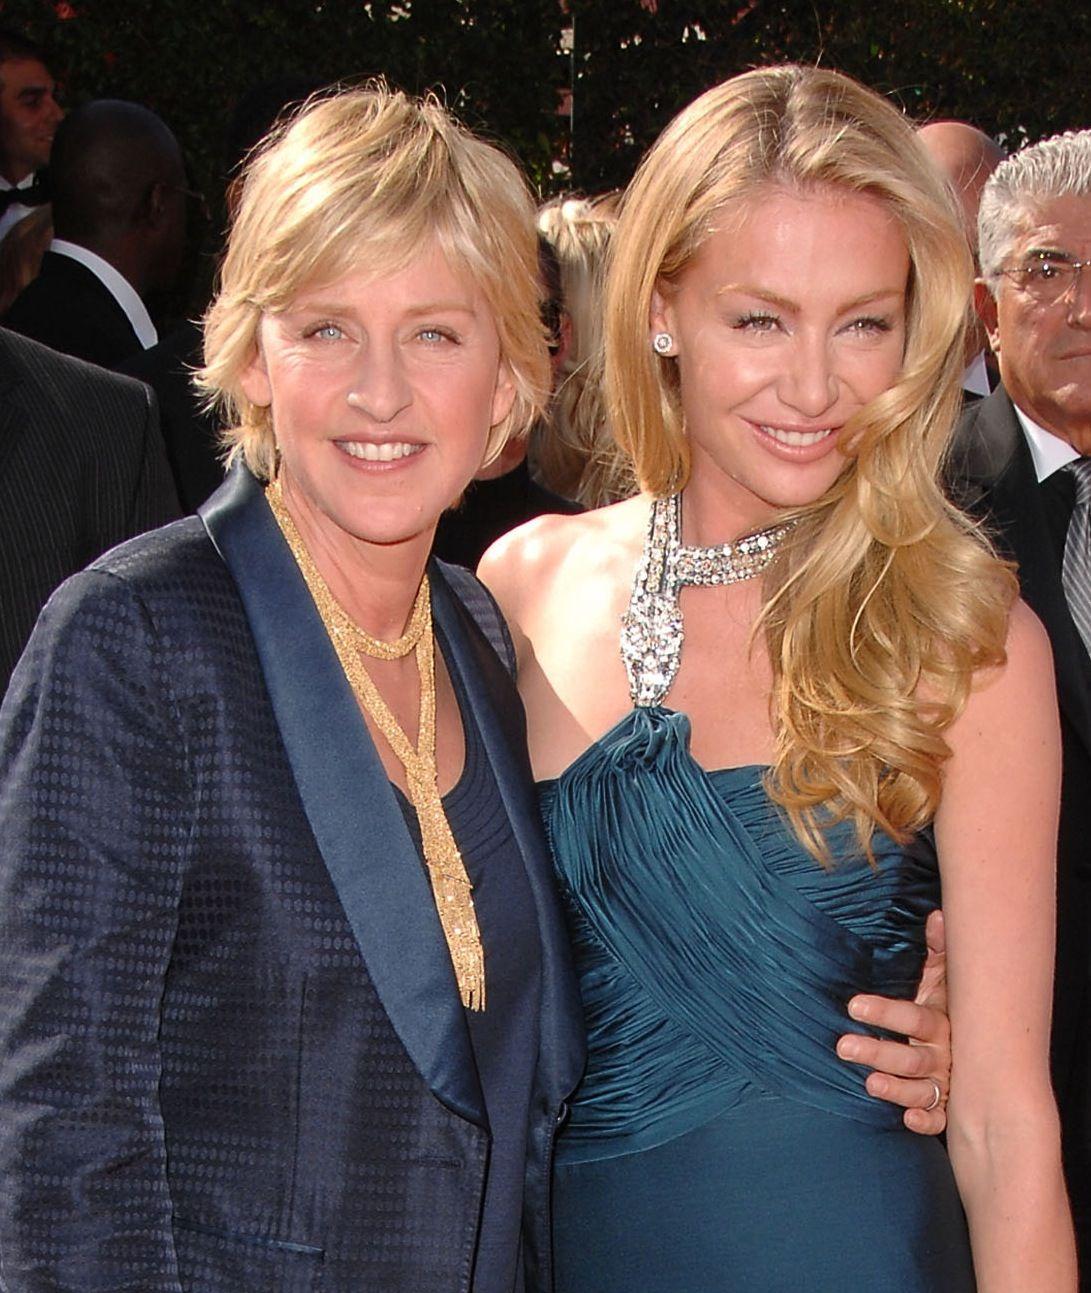 Ellen Degeneres & Portia De Rossi To Launch Vegan Pet Food